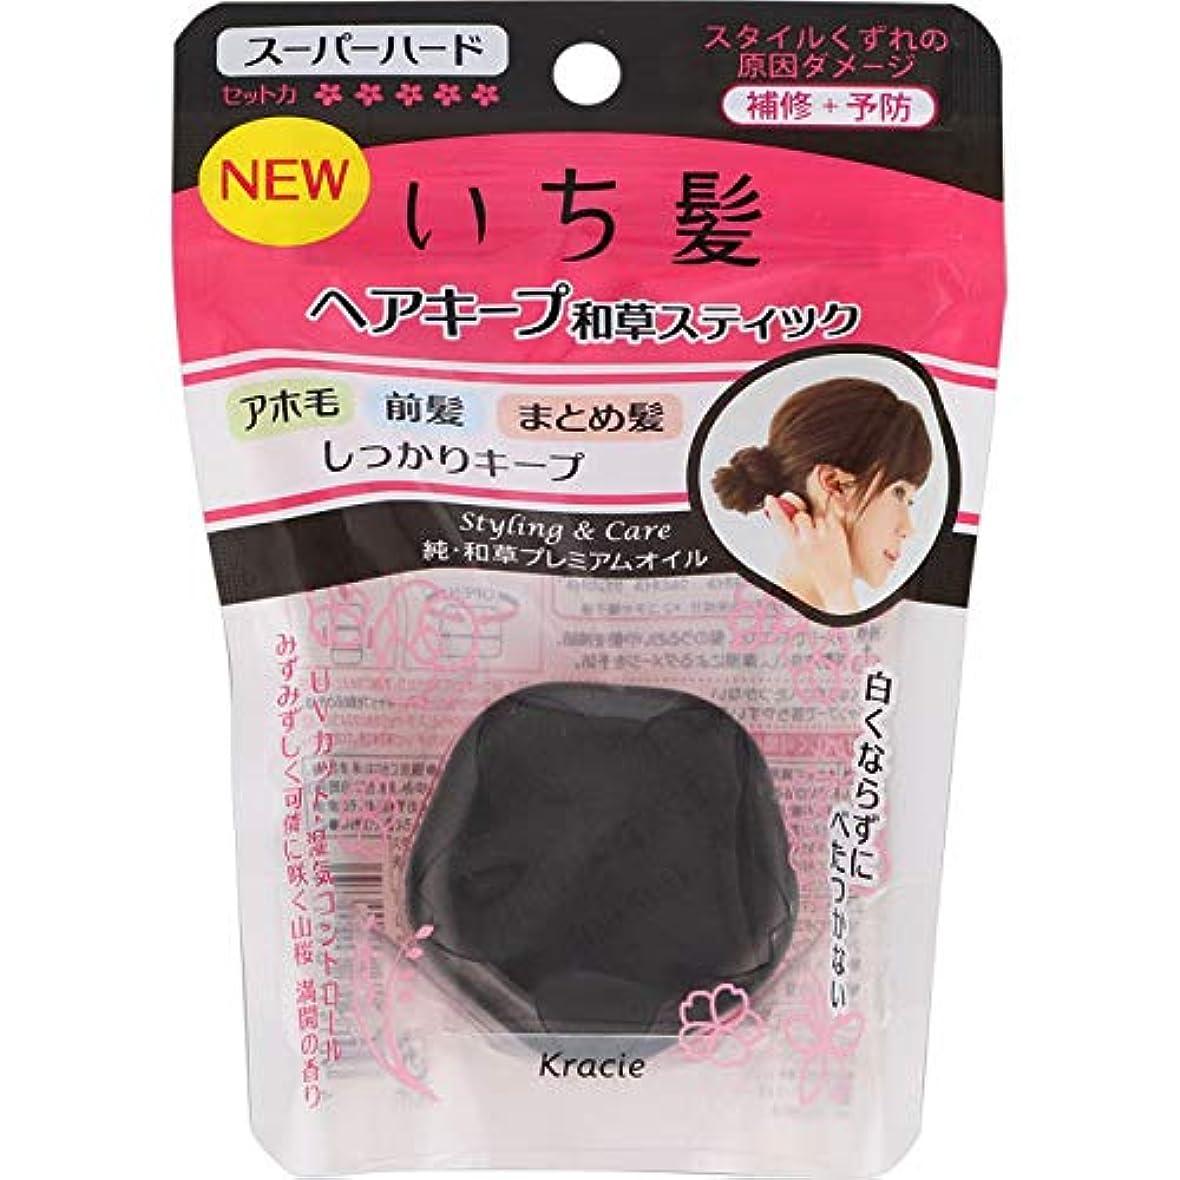 ヒョウ適用する興味いち髪 ヘアキープ和草スティック(スーパーハード) × 6個セット